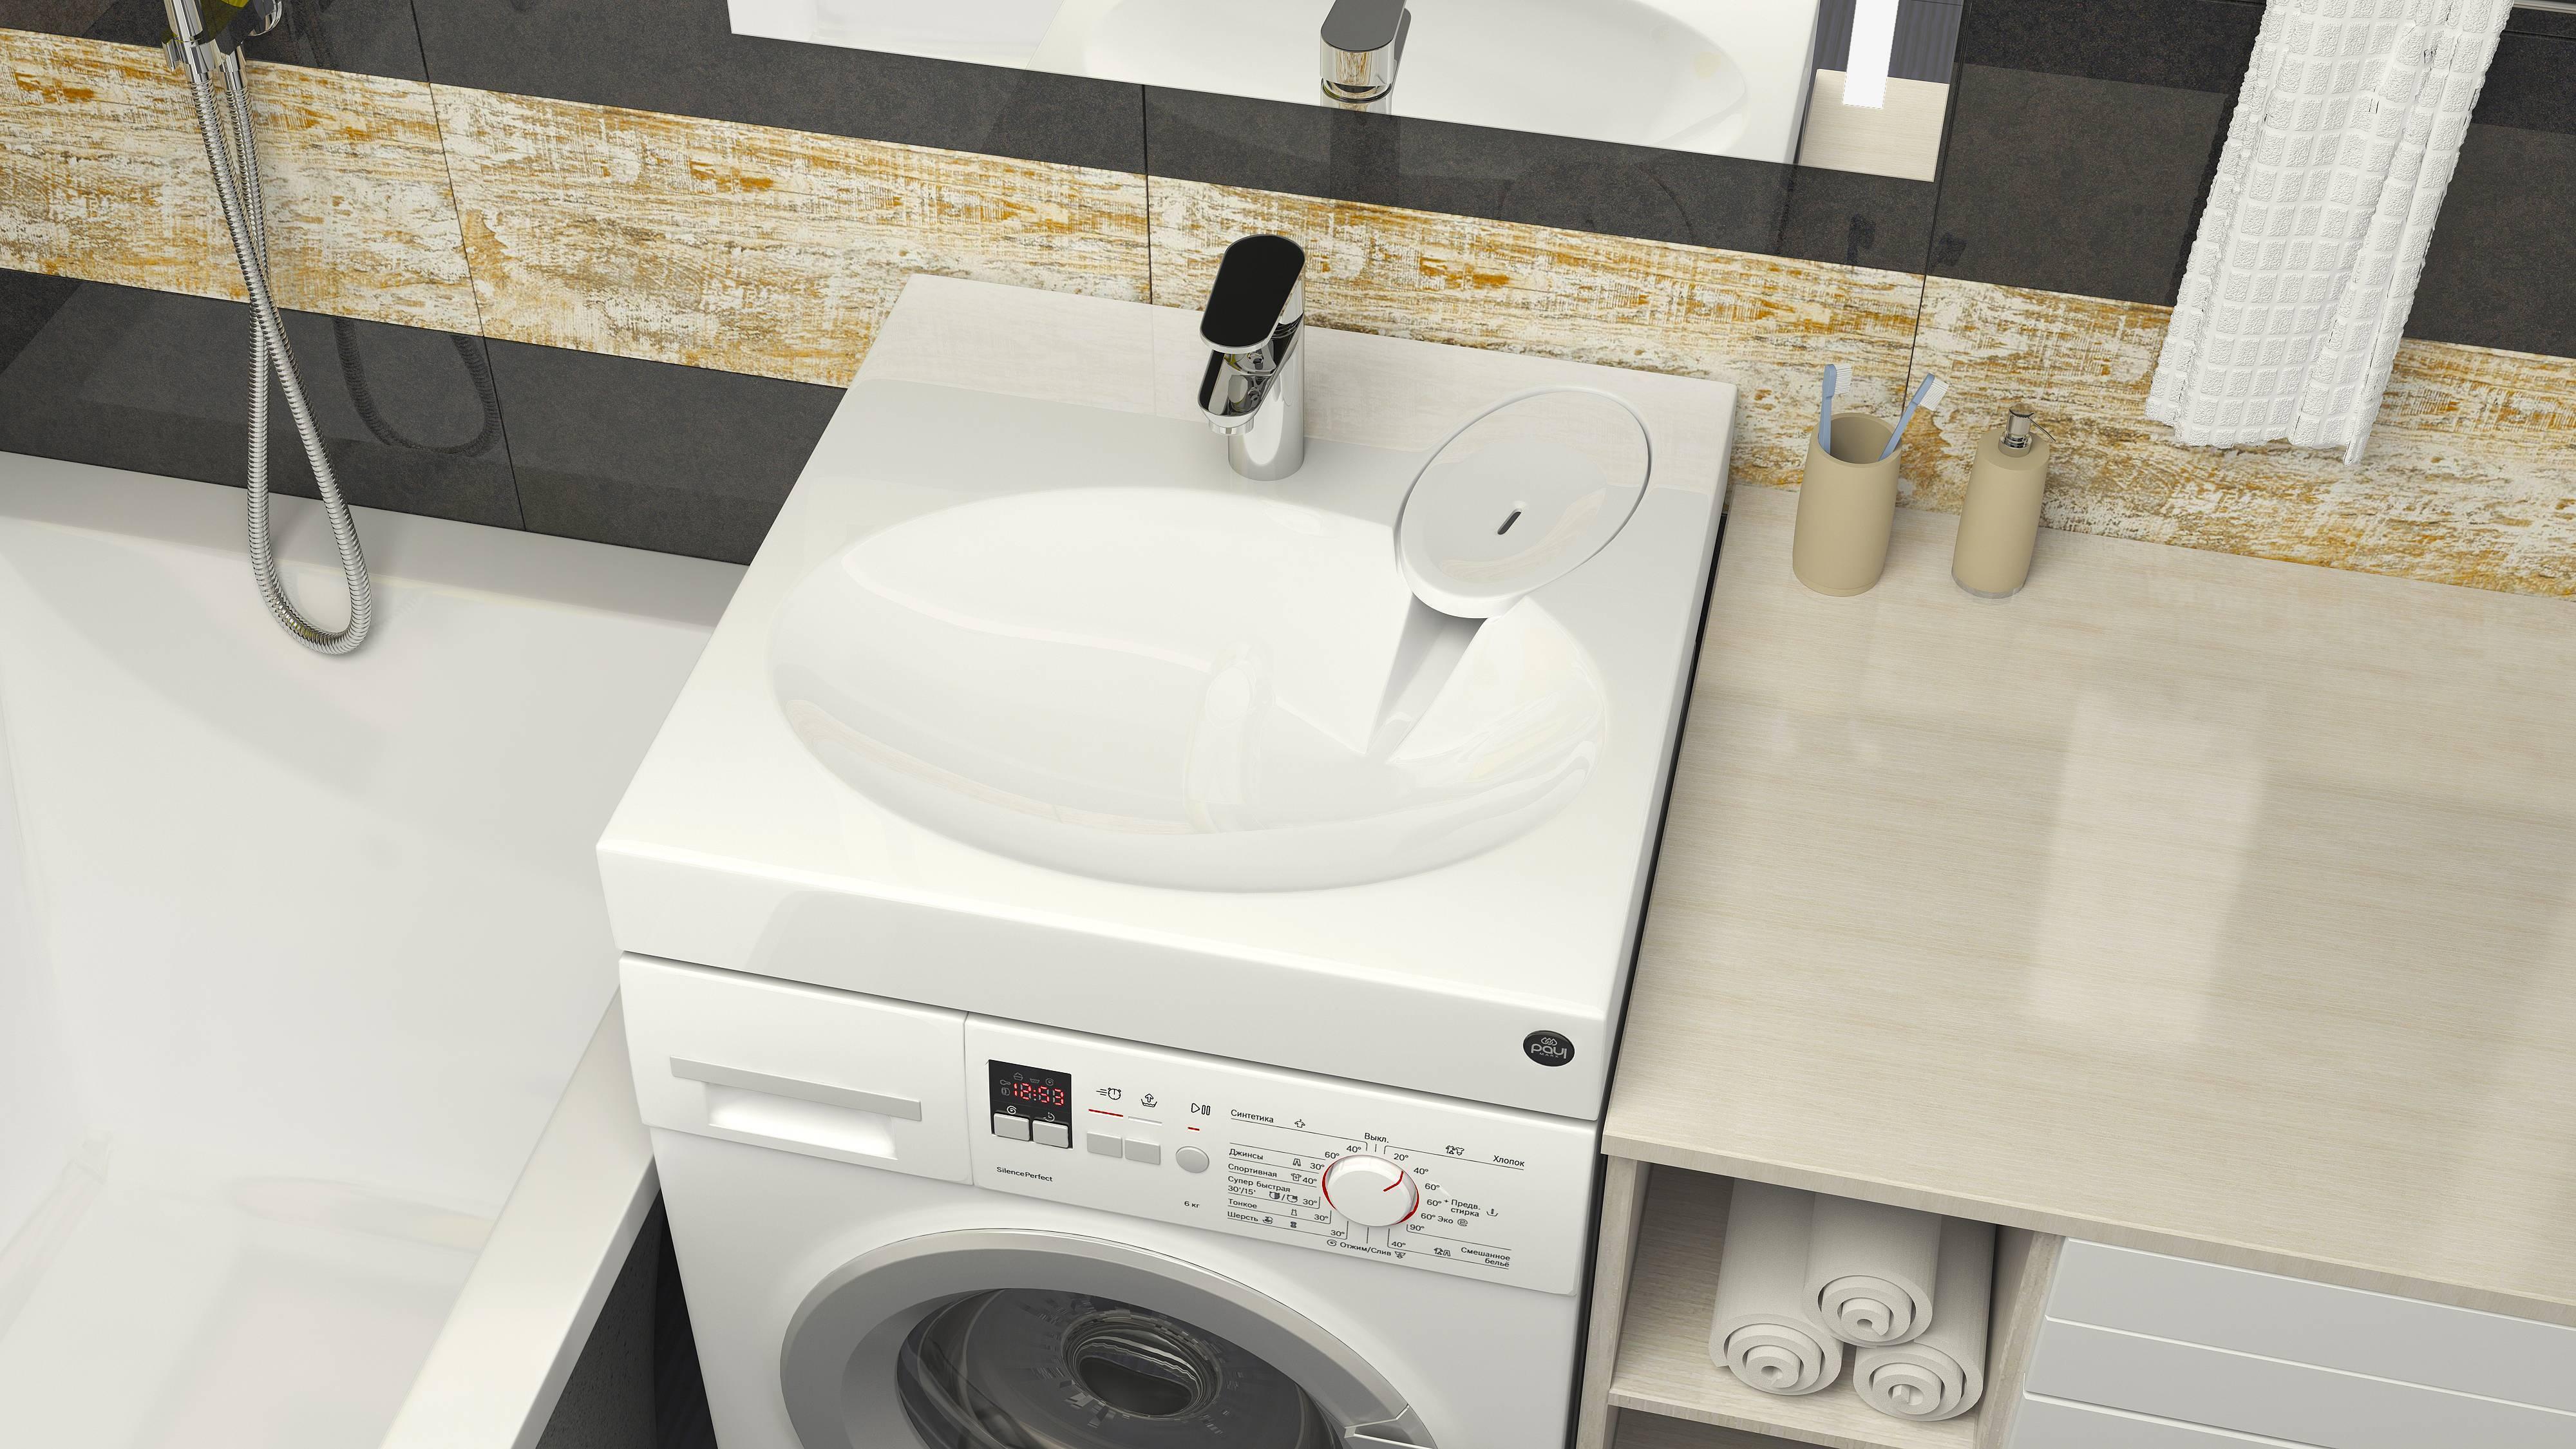 Как установить раковину над стиральной машиной: правила и способ монтажа, фото и полезные советы специалистов